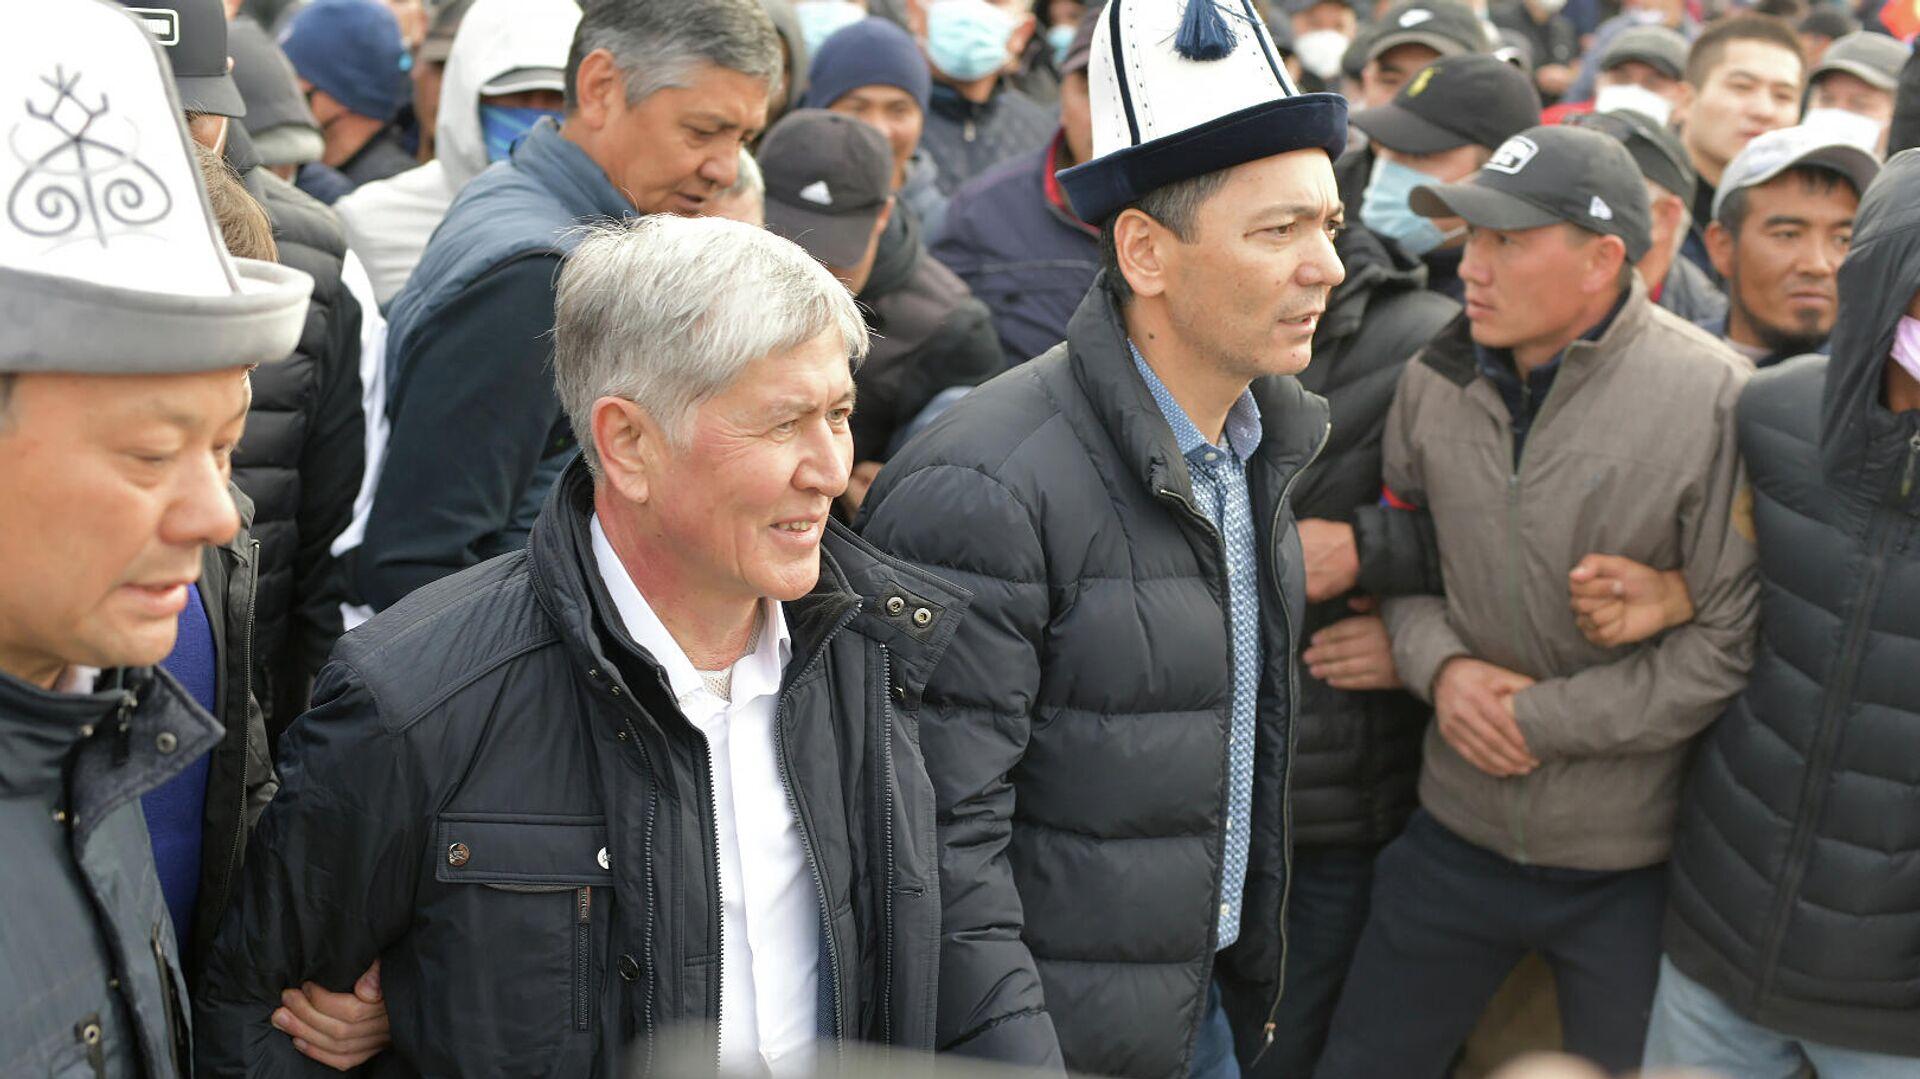 Экс-глава Киргизии Алмазбек Атамбаев на митинге в Бишкеке - РИА Новости, 1920, 28.10.2020